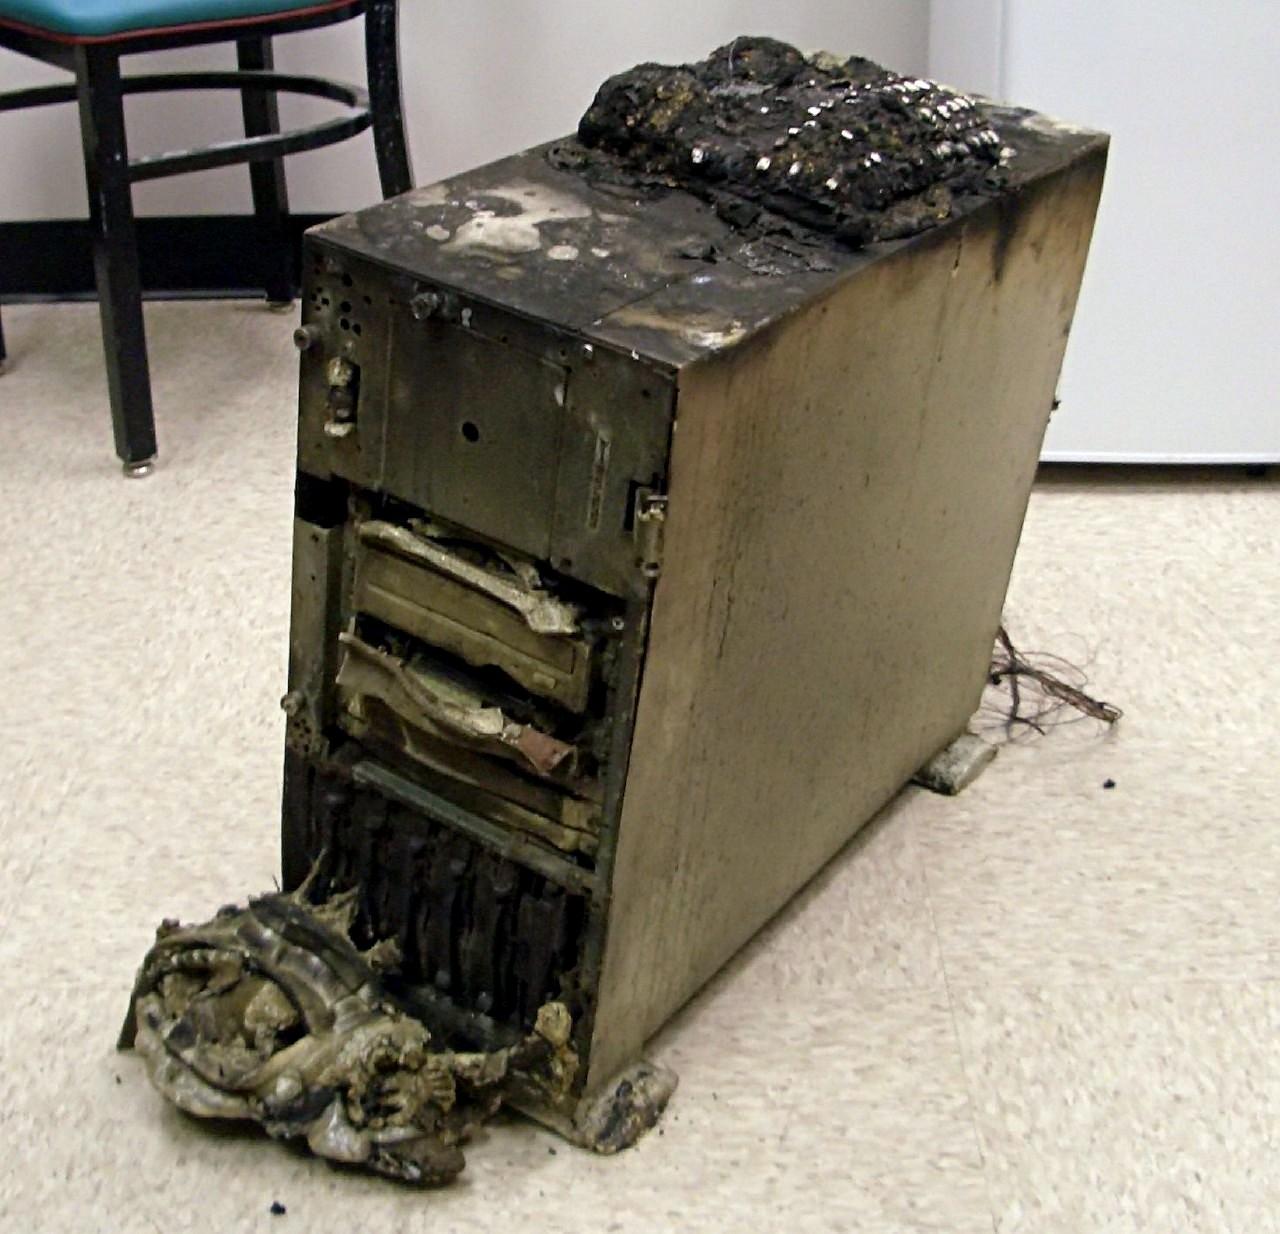 verbrannter Server, von John aus den USA, Lizenz: Creative Commons Attribution 2.0